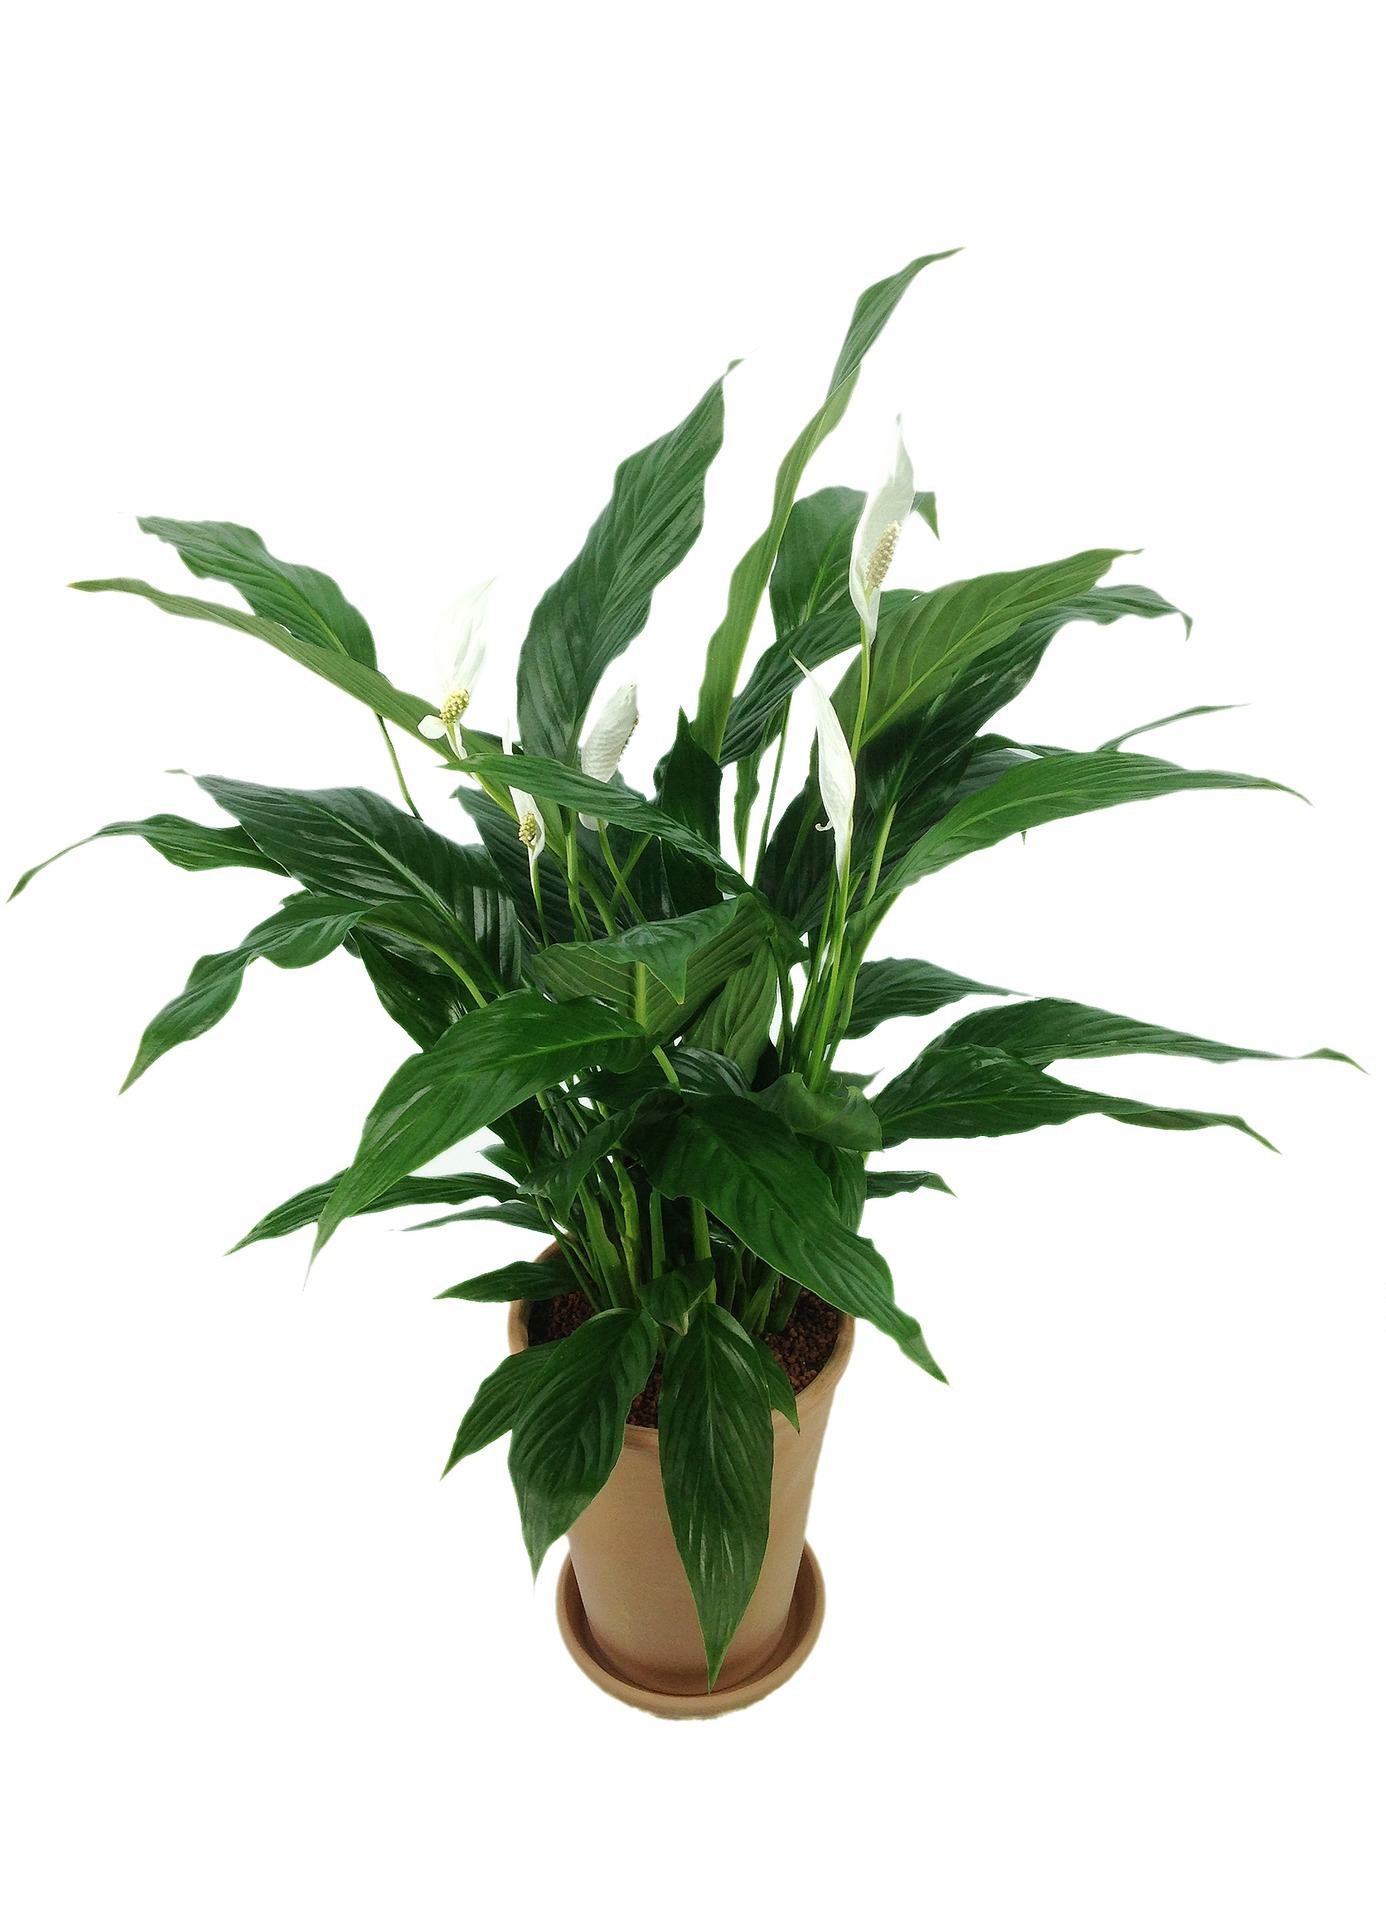 spathiphyllum-811383_1920